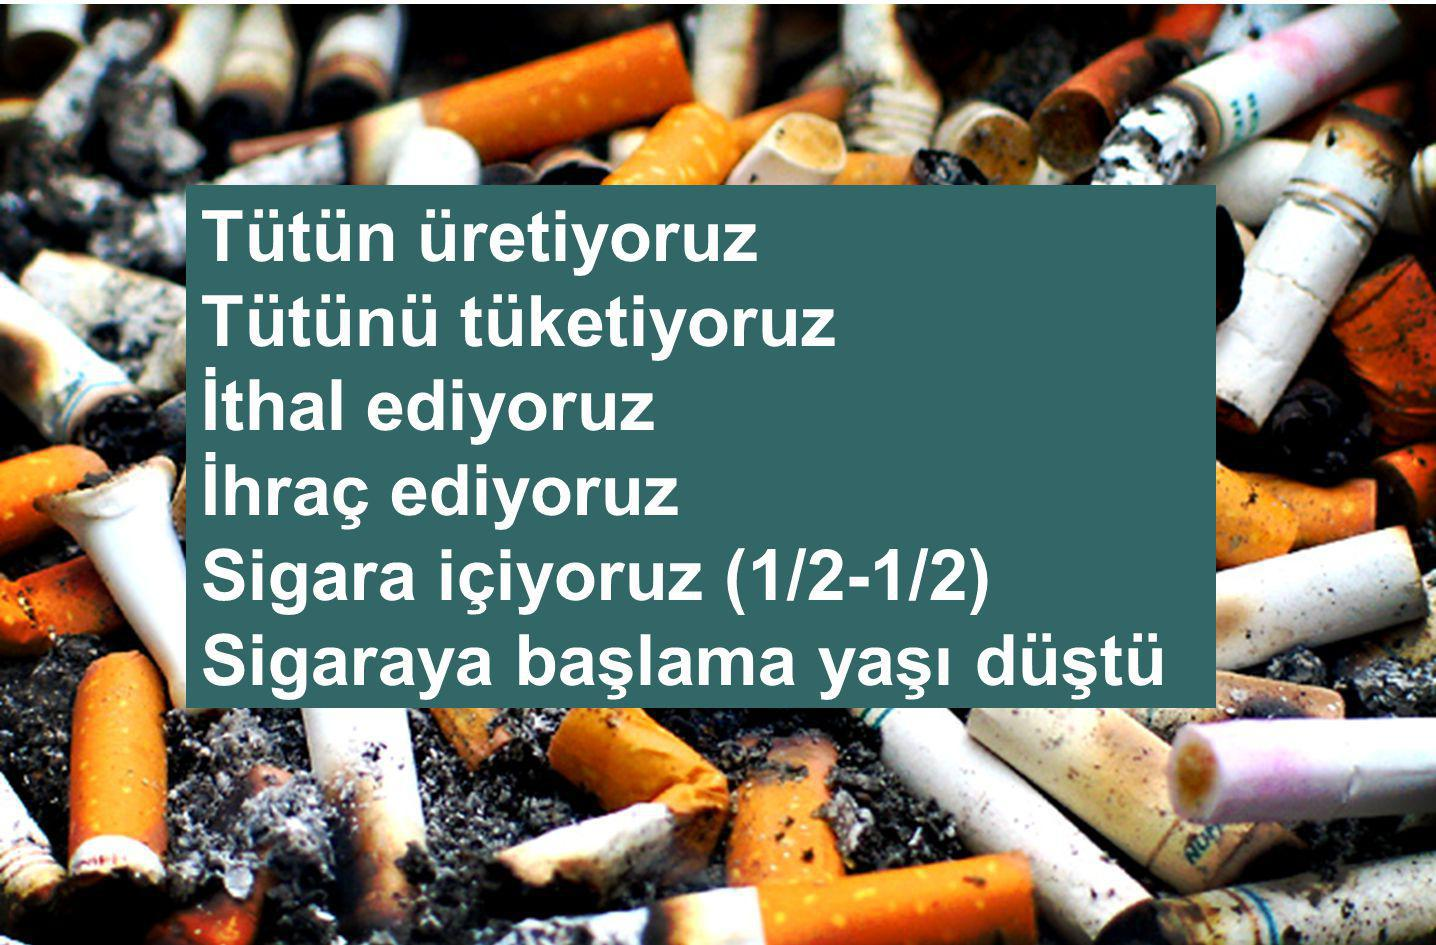 Sigara kullanımının ekonomik boyutu Sigara satın almak için harcanan para (hastalık tanı-tedavi harcamaları eklenmeli) Kişisel  5 YTL/gün....